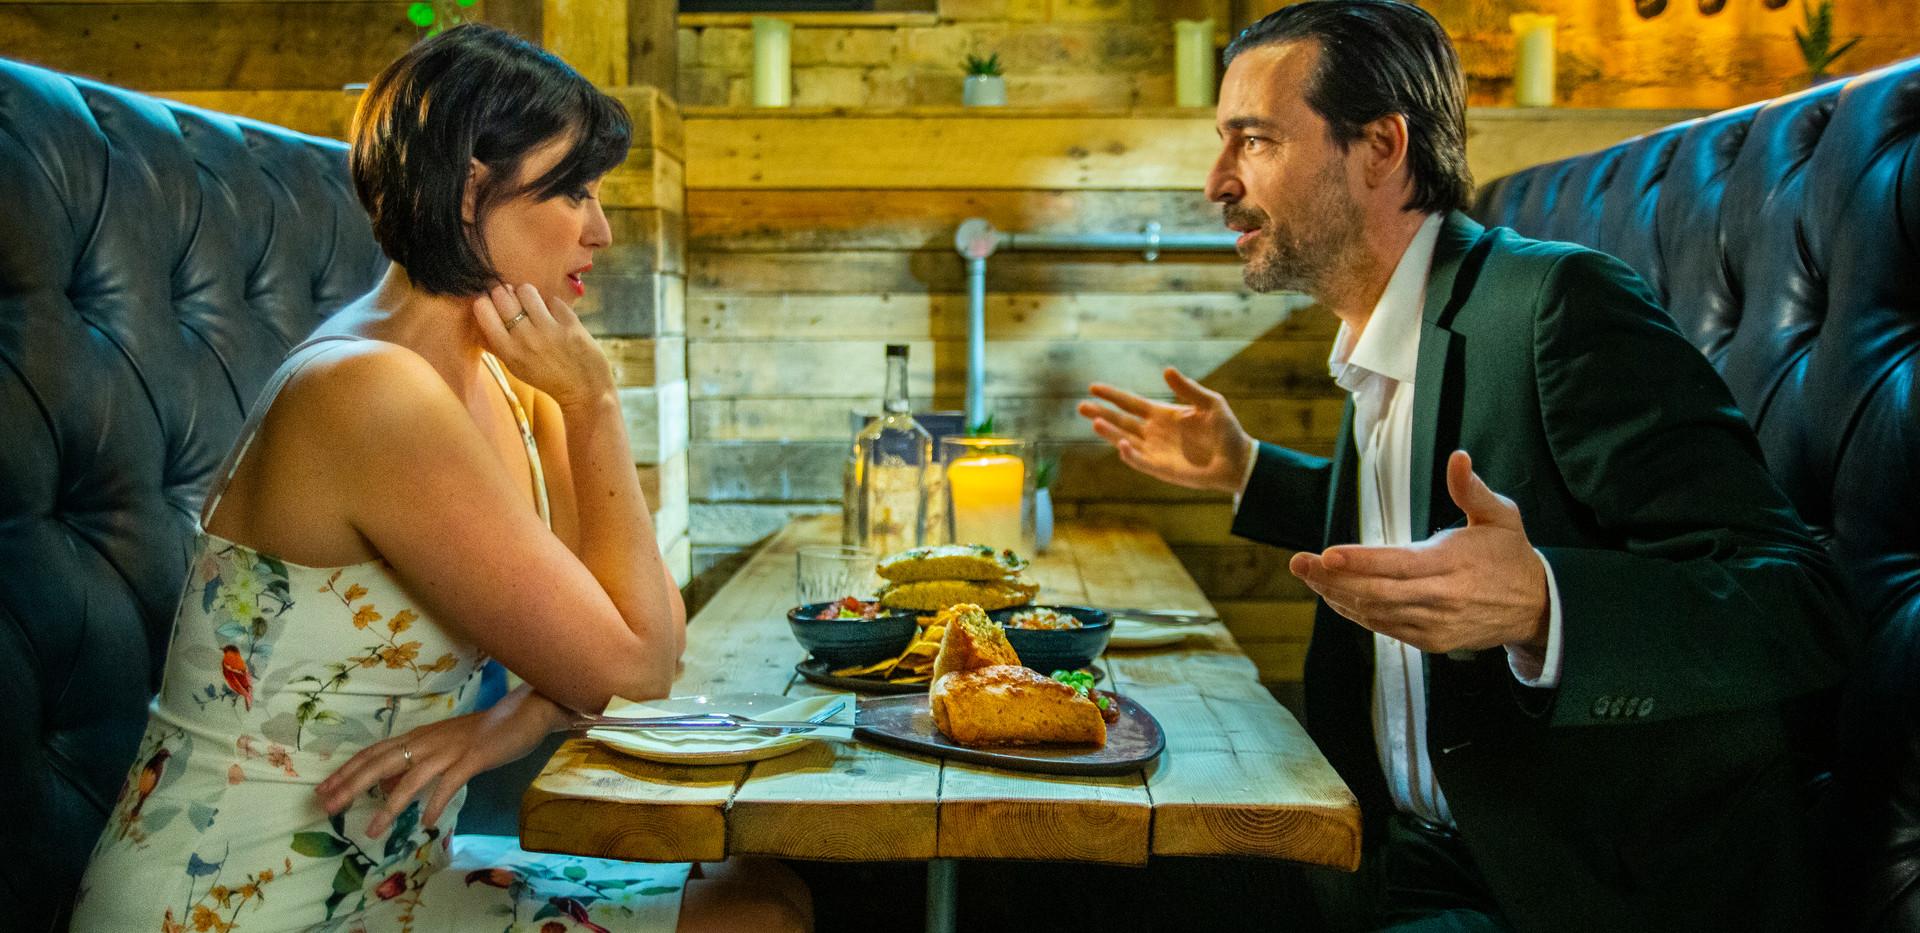 Rojo Dinner scene.jpg